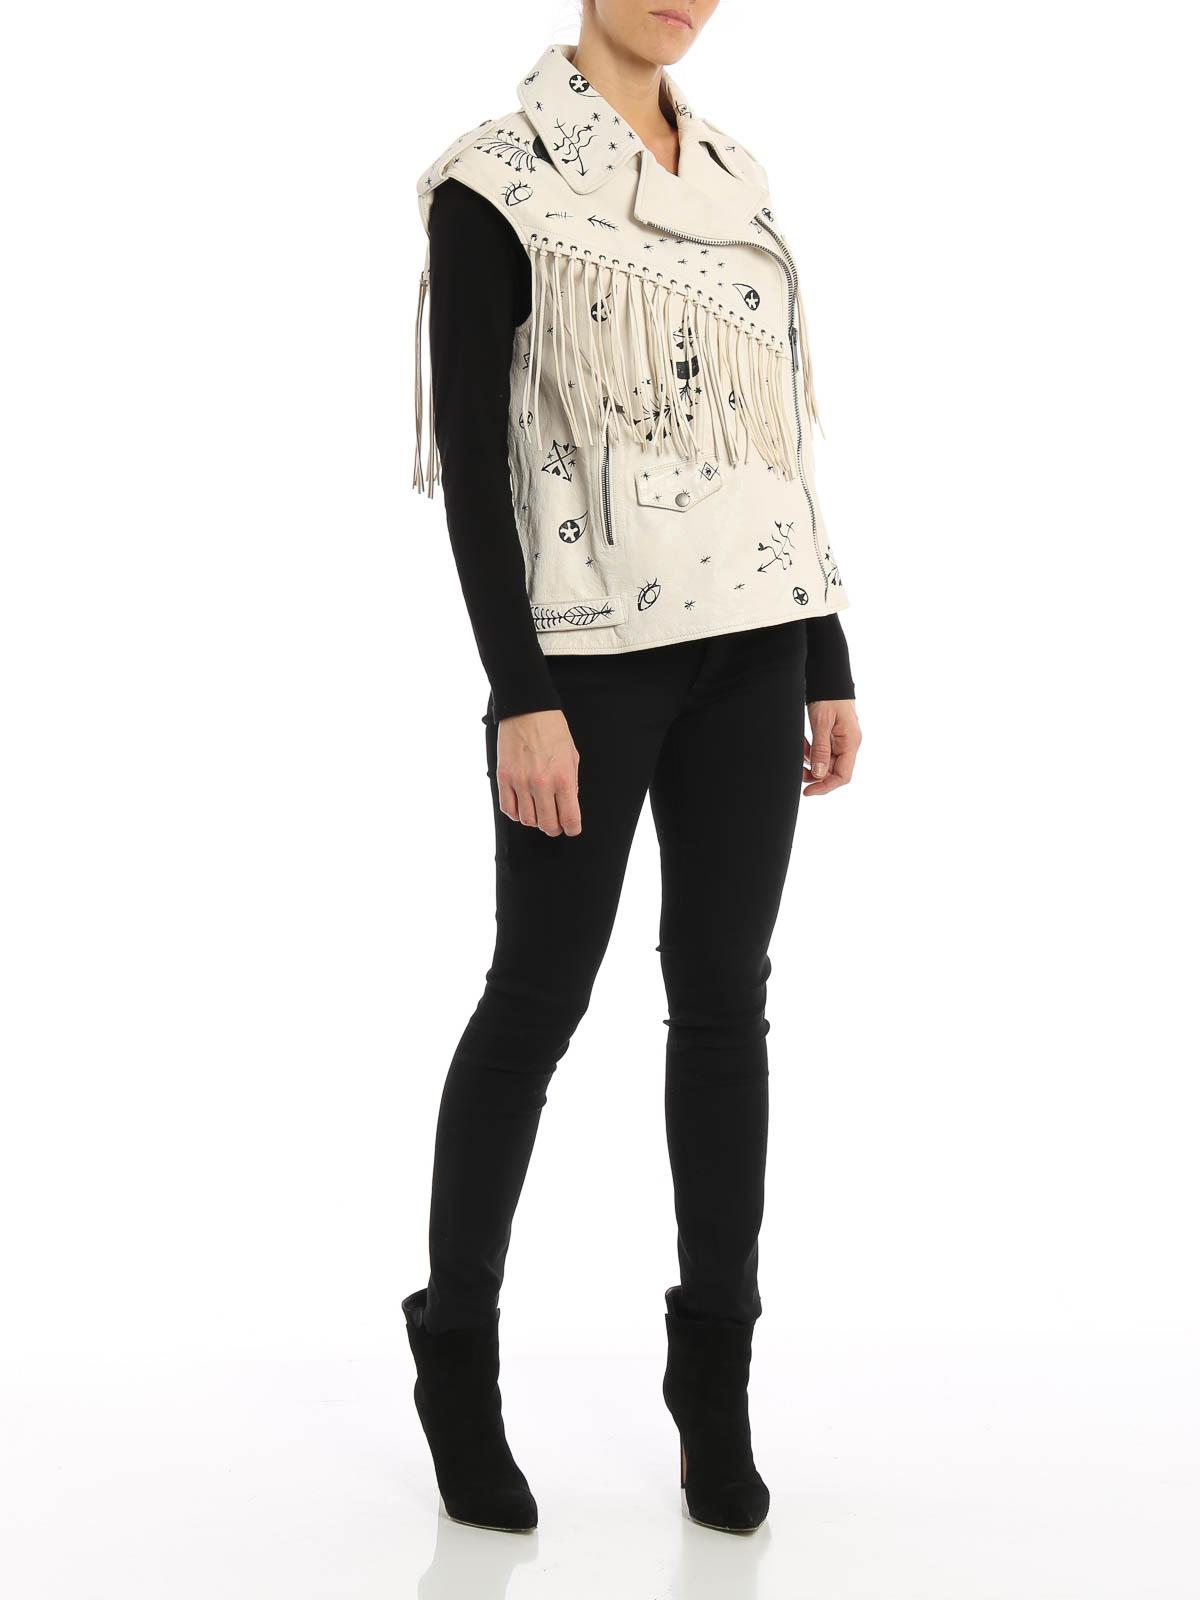 brand new 651a7 ab3fa Valentino - Smanicato in pelle stile Western - giacche in ...